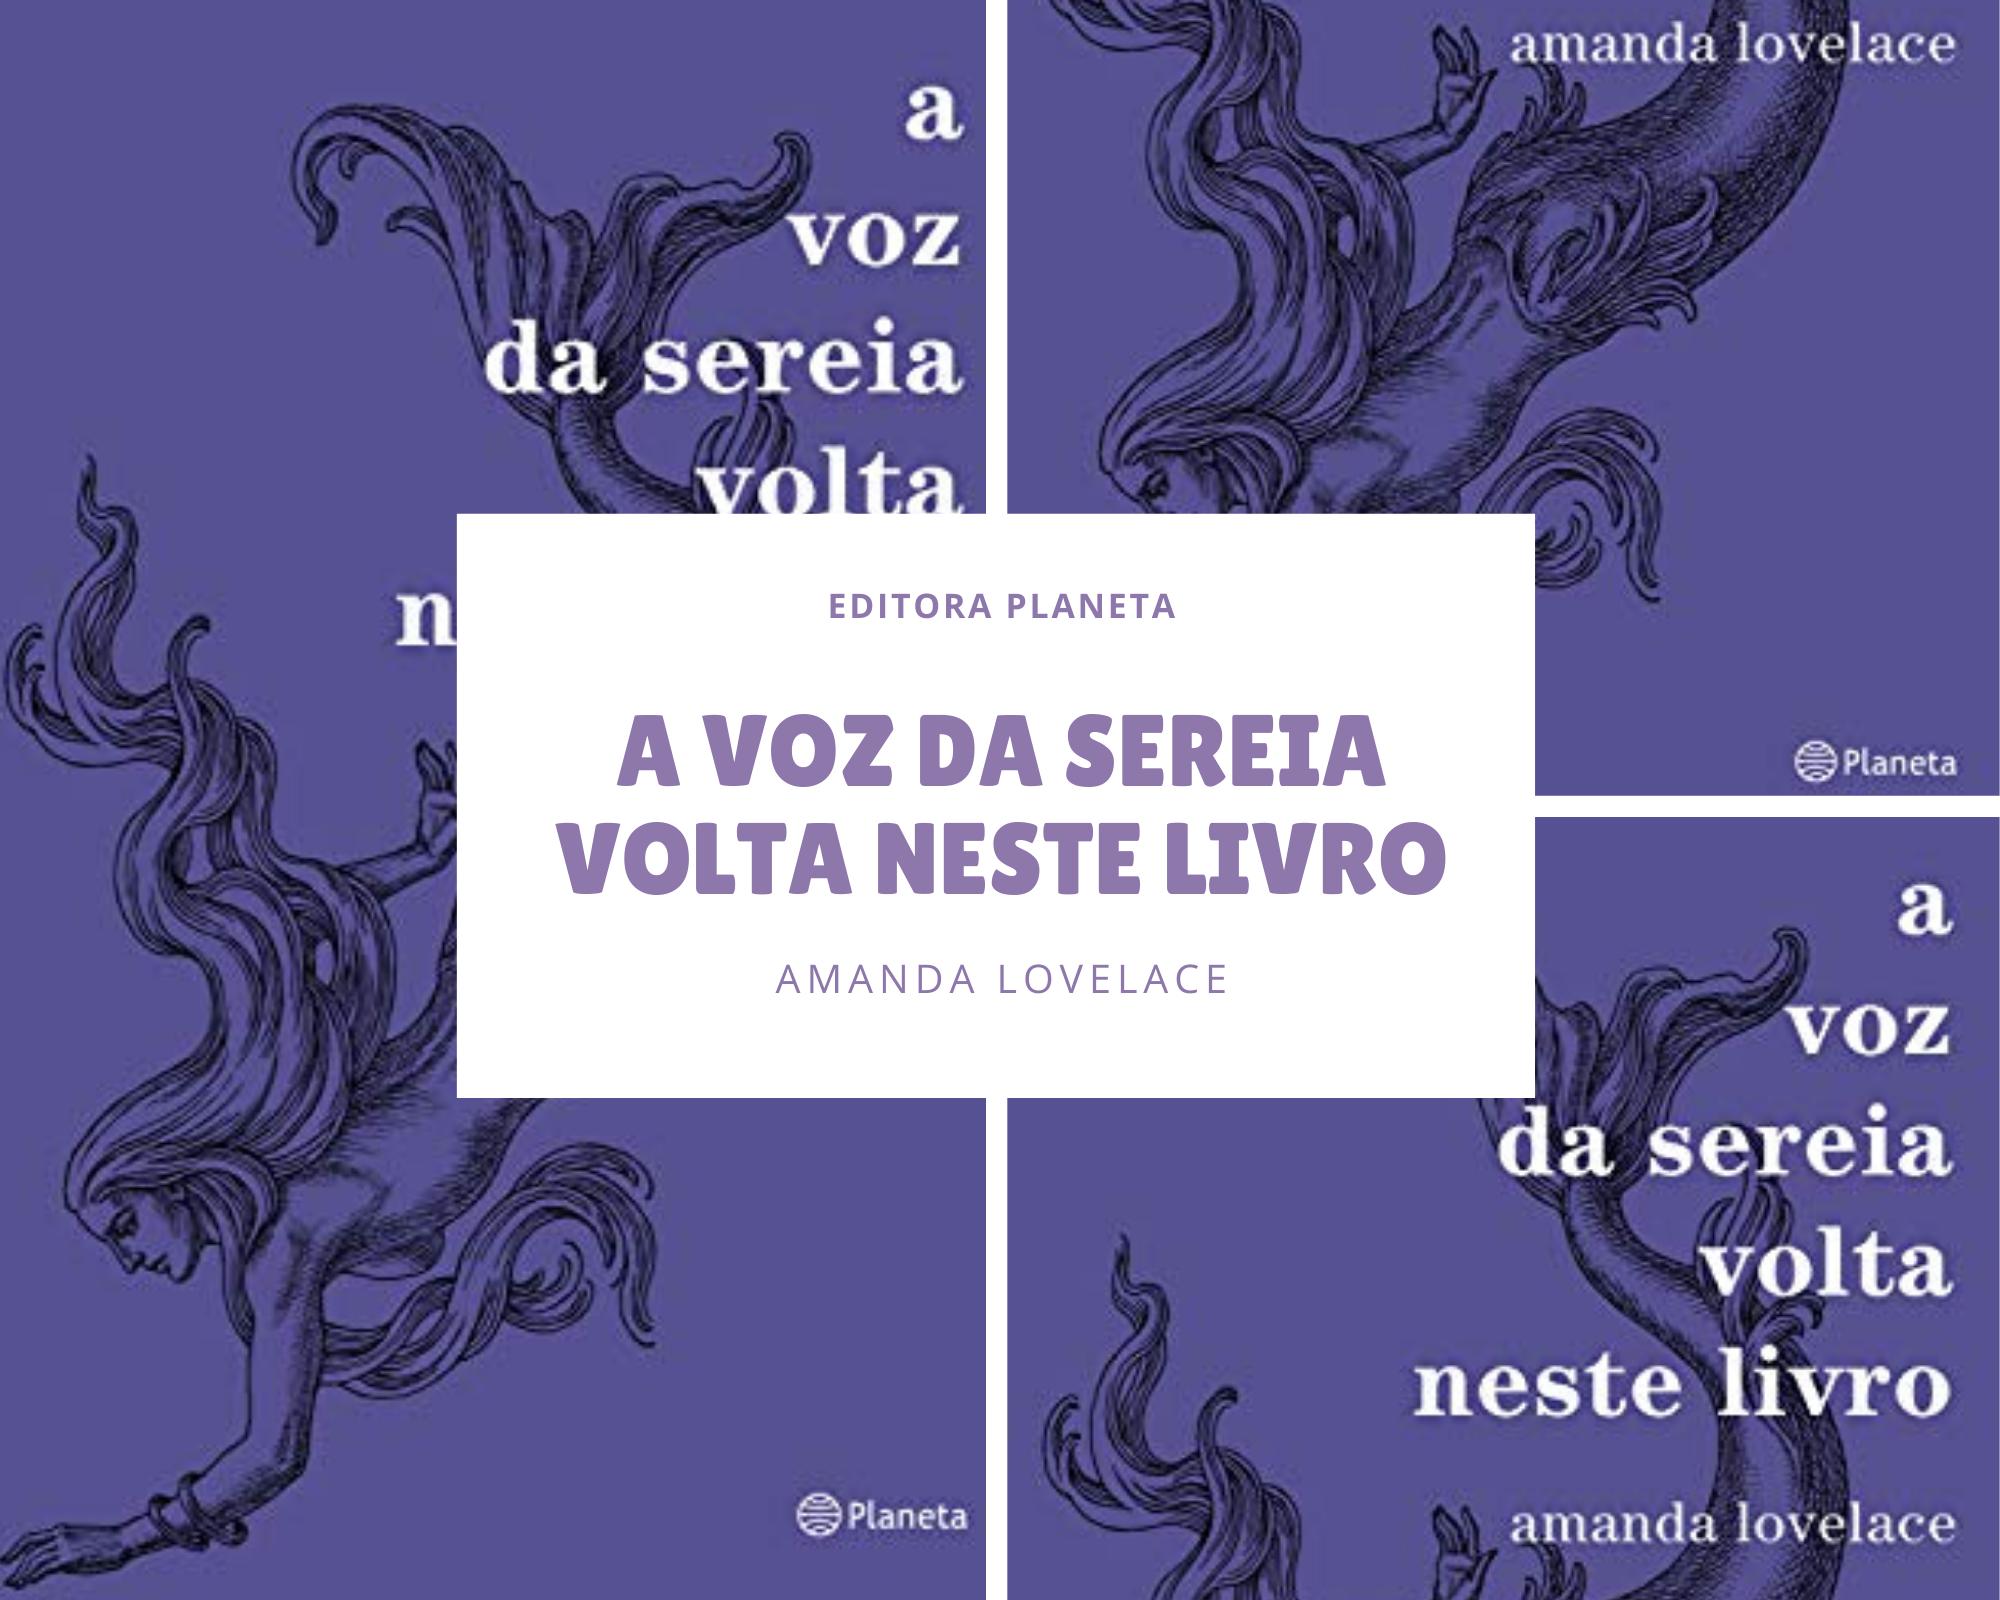 Resenha do livro A voz da sereia volta neste livro, da Amanda Lovelace, publicado no Brasil pela Editora Planeta